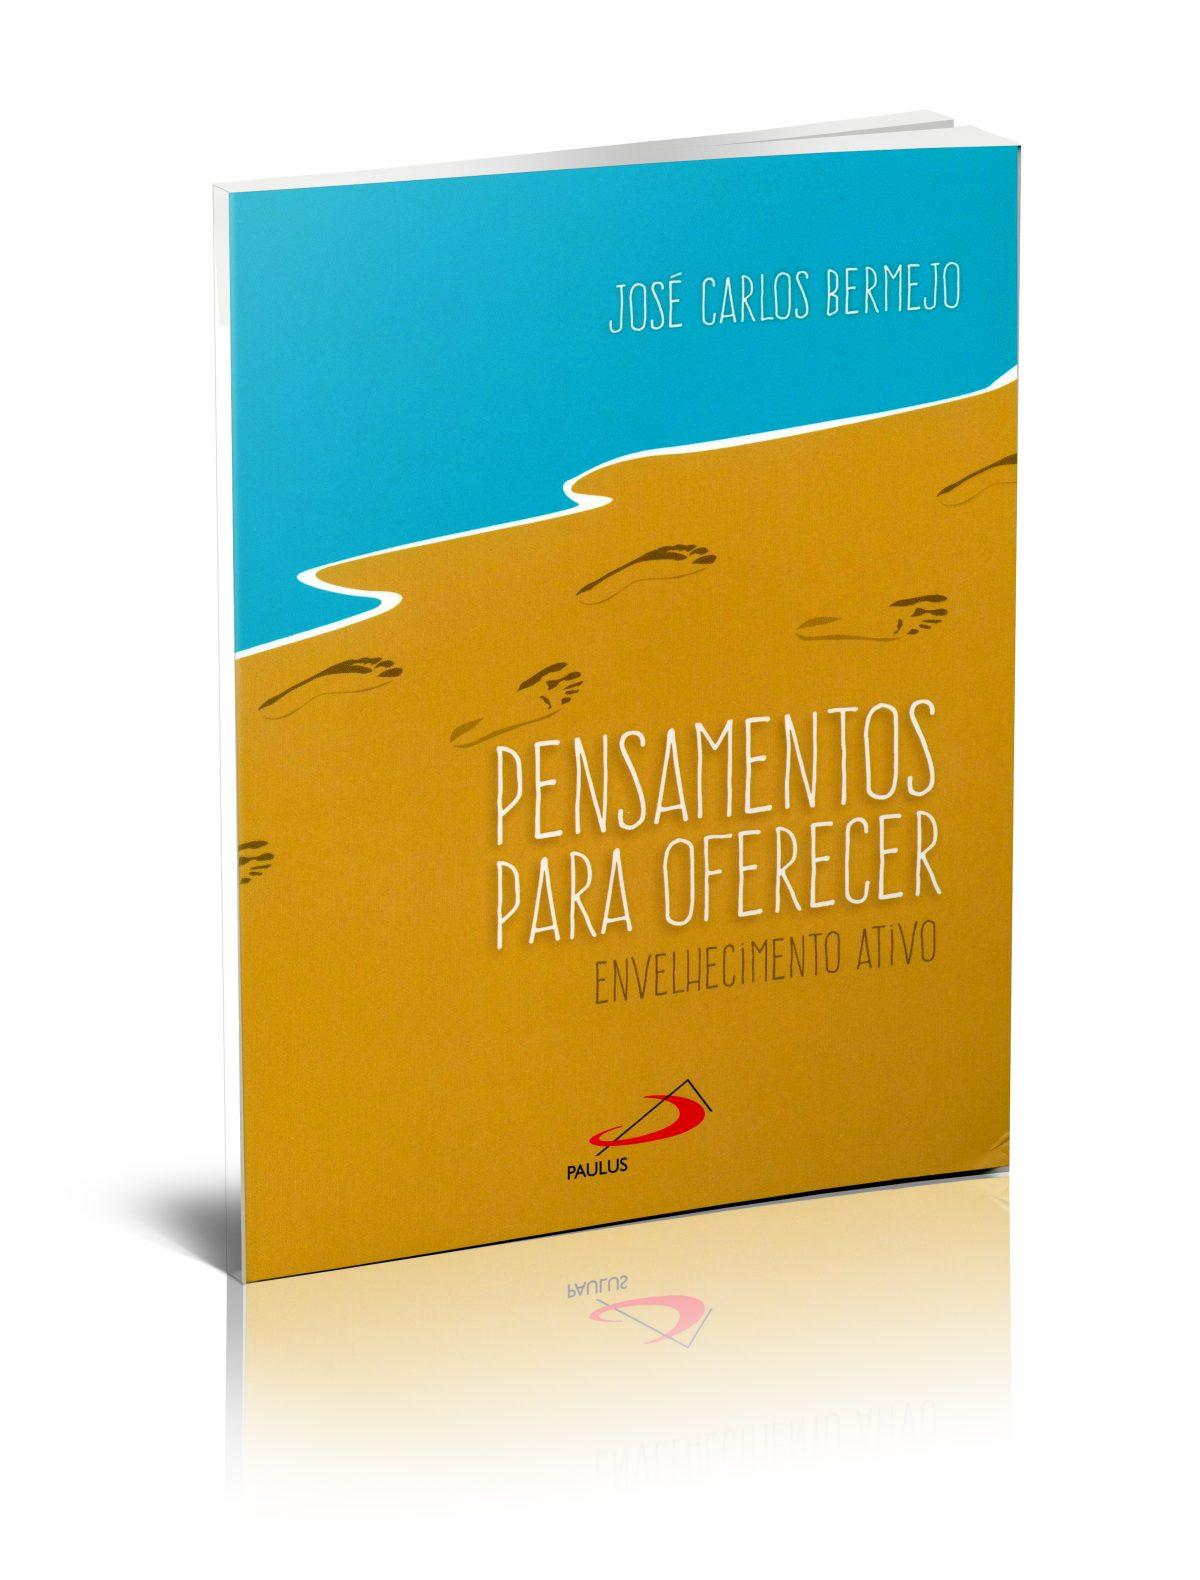 Pensamentos para ofrecer. Envelhecimiento ativo (Edición en portugués del libro Soy mayor)